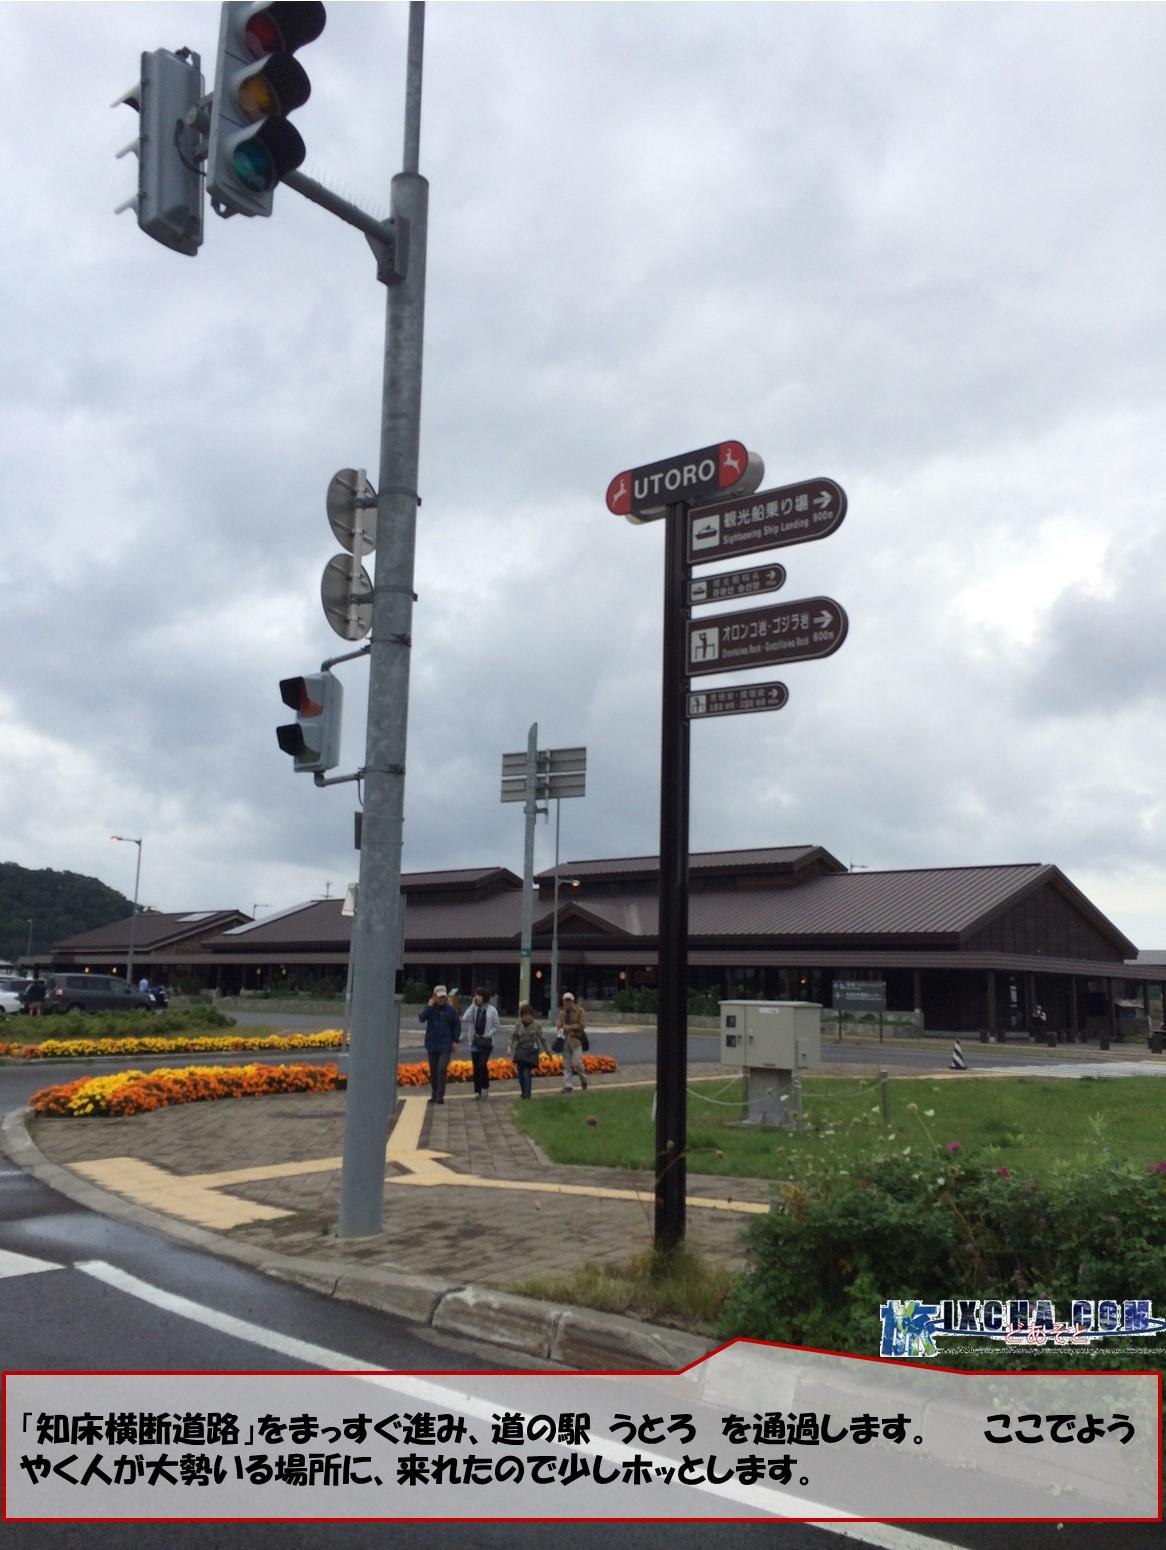 「知床横断道路」をまっすぐ進み、道の駅 うとろ を通過します。  ここでようやく人が大勢いる場所に、来れたので少しホッとします。